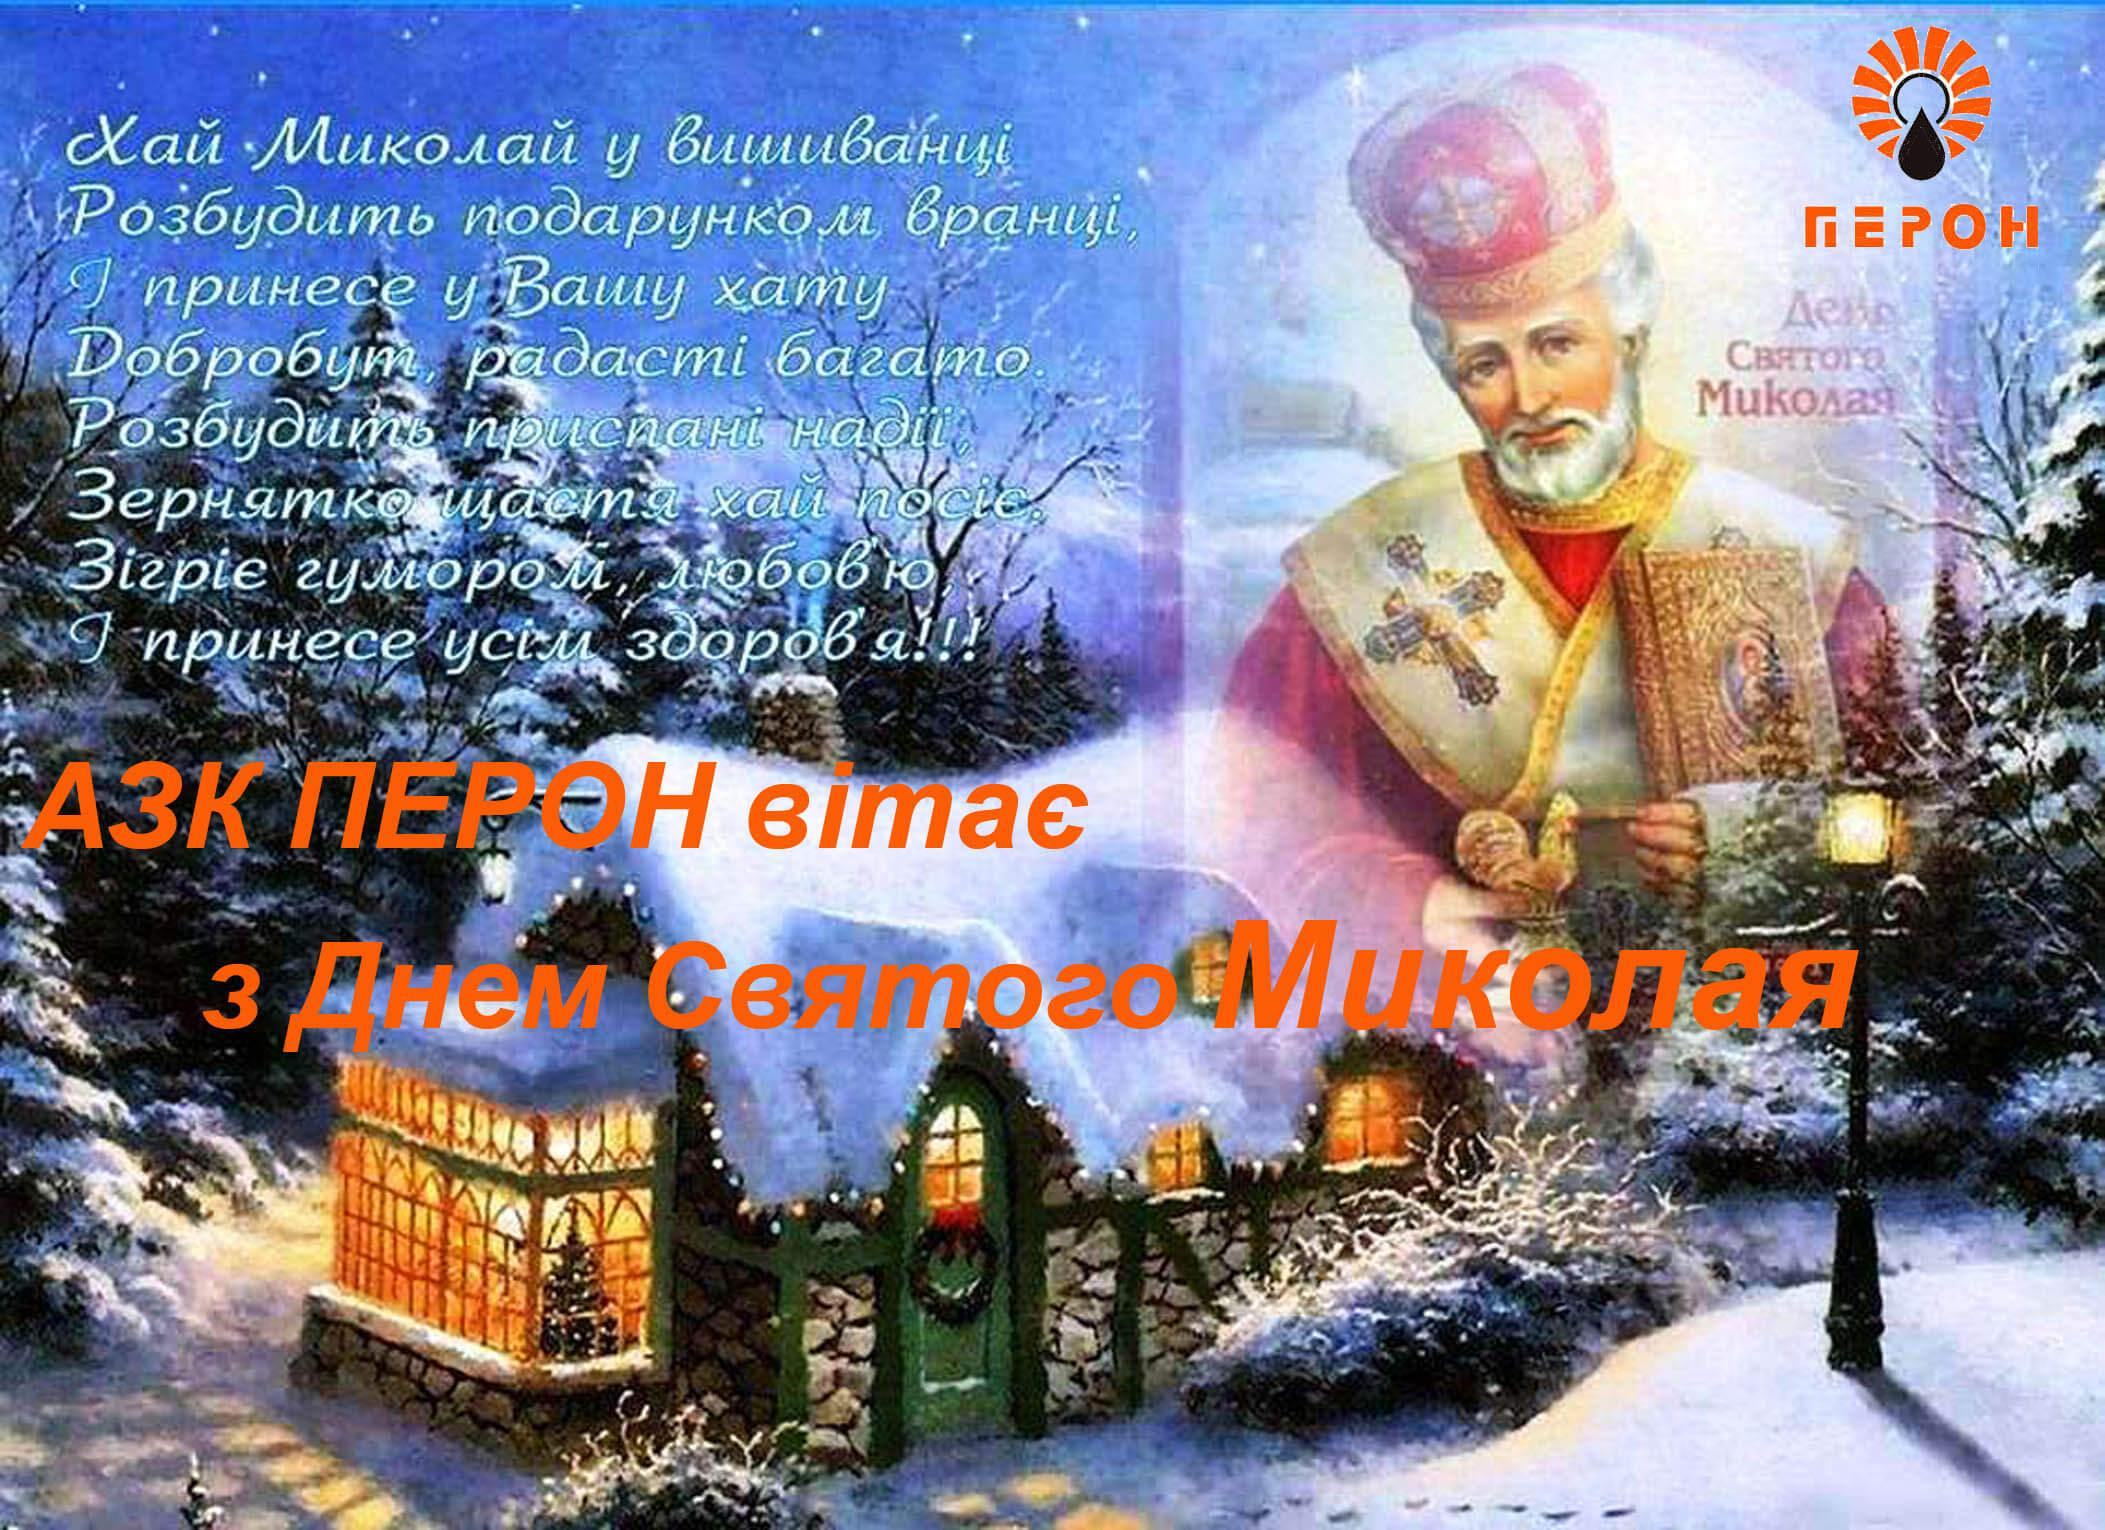 АЗК ПЕРОН вітає всіх з Днем Святого Миколая!